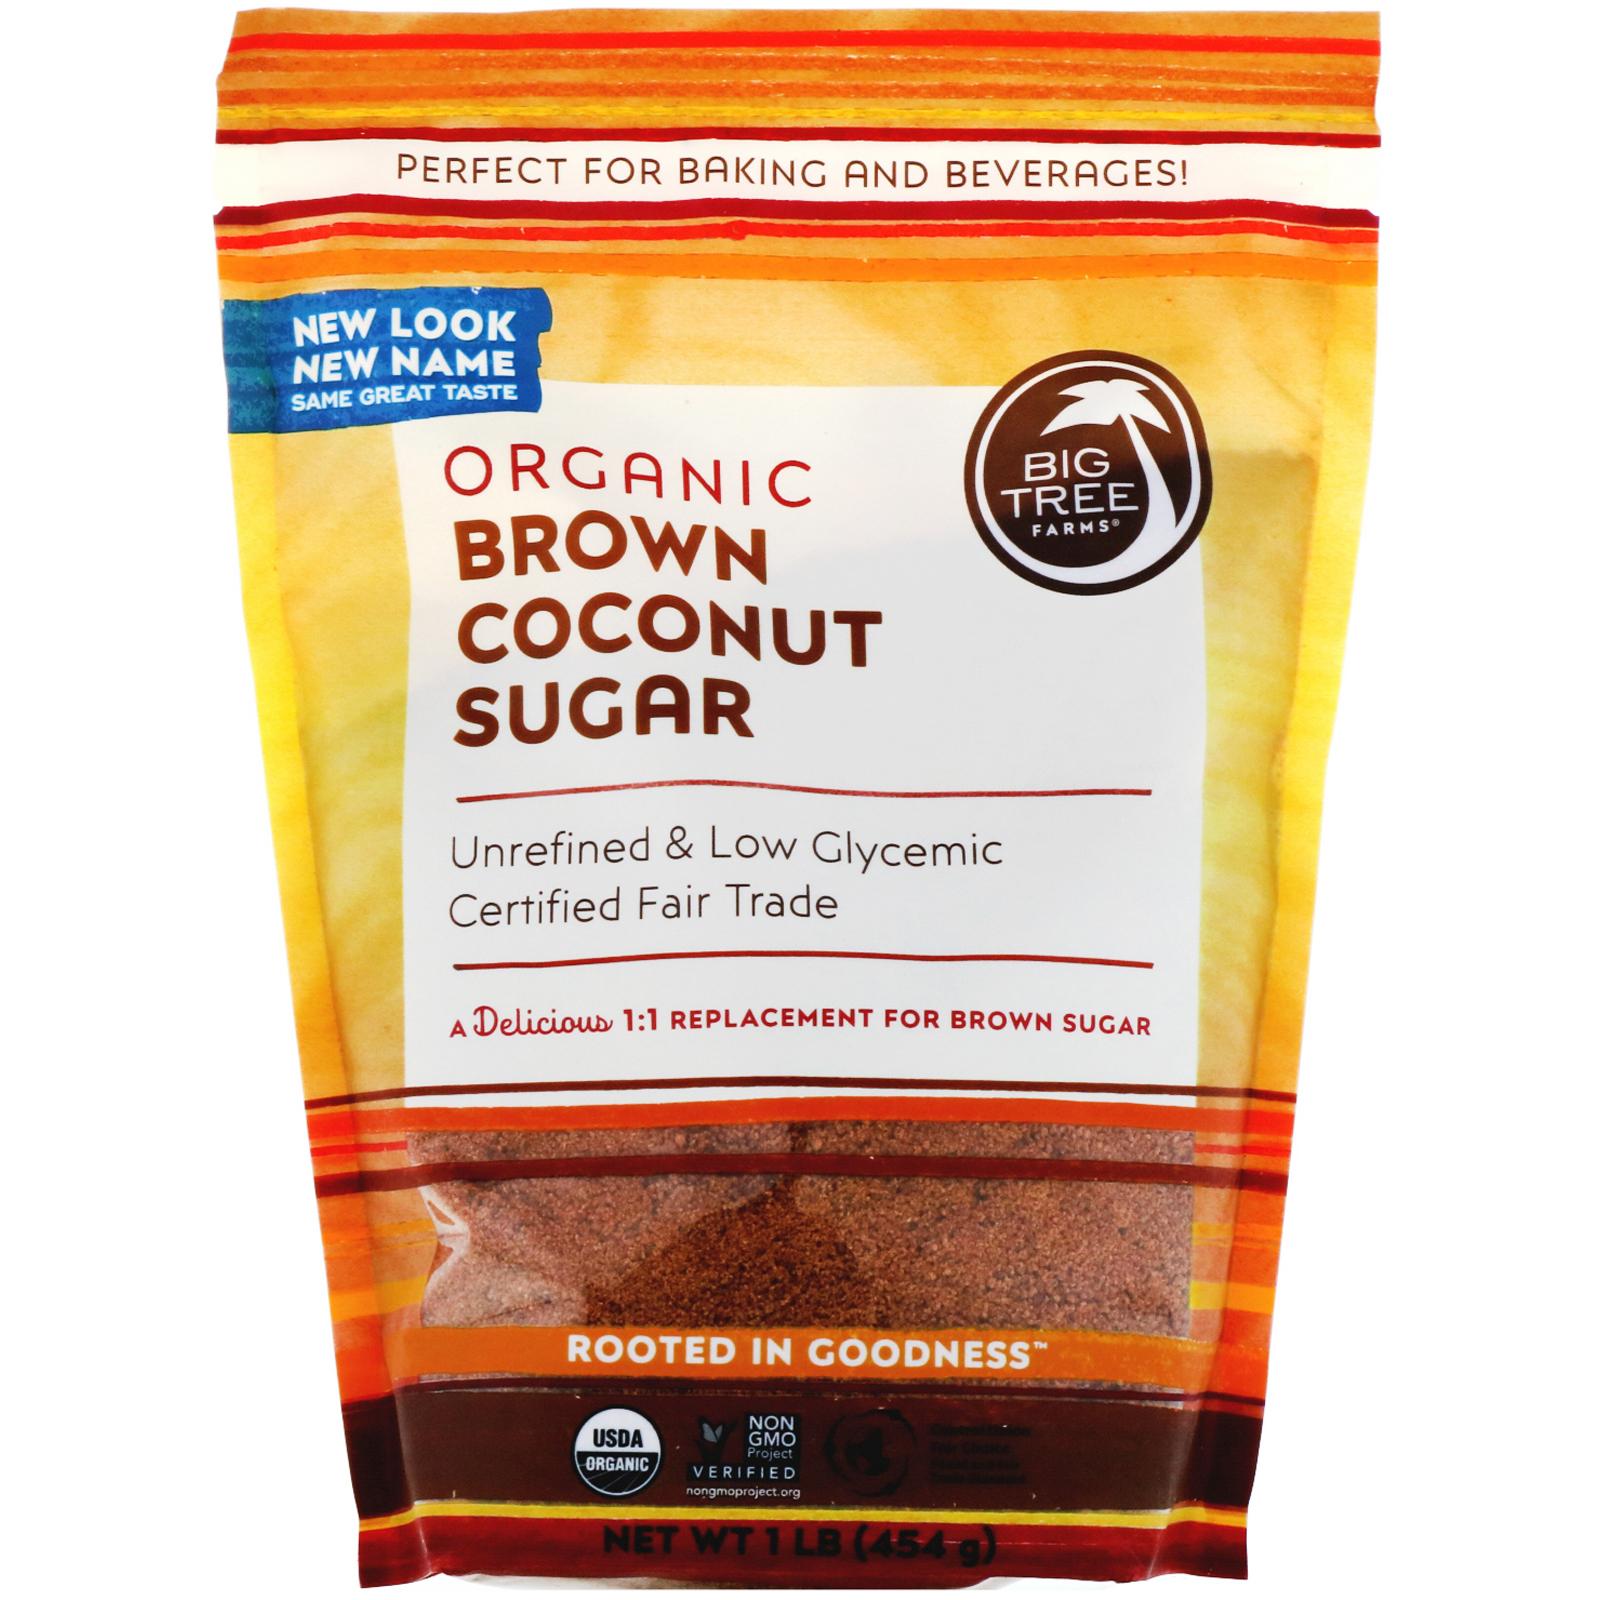 Allt du behöver veta om sugardating på 1 minut